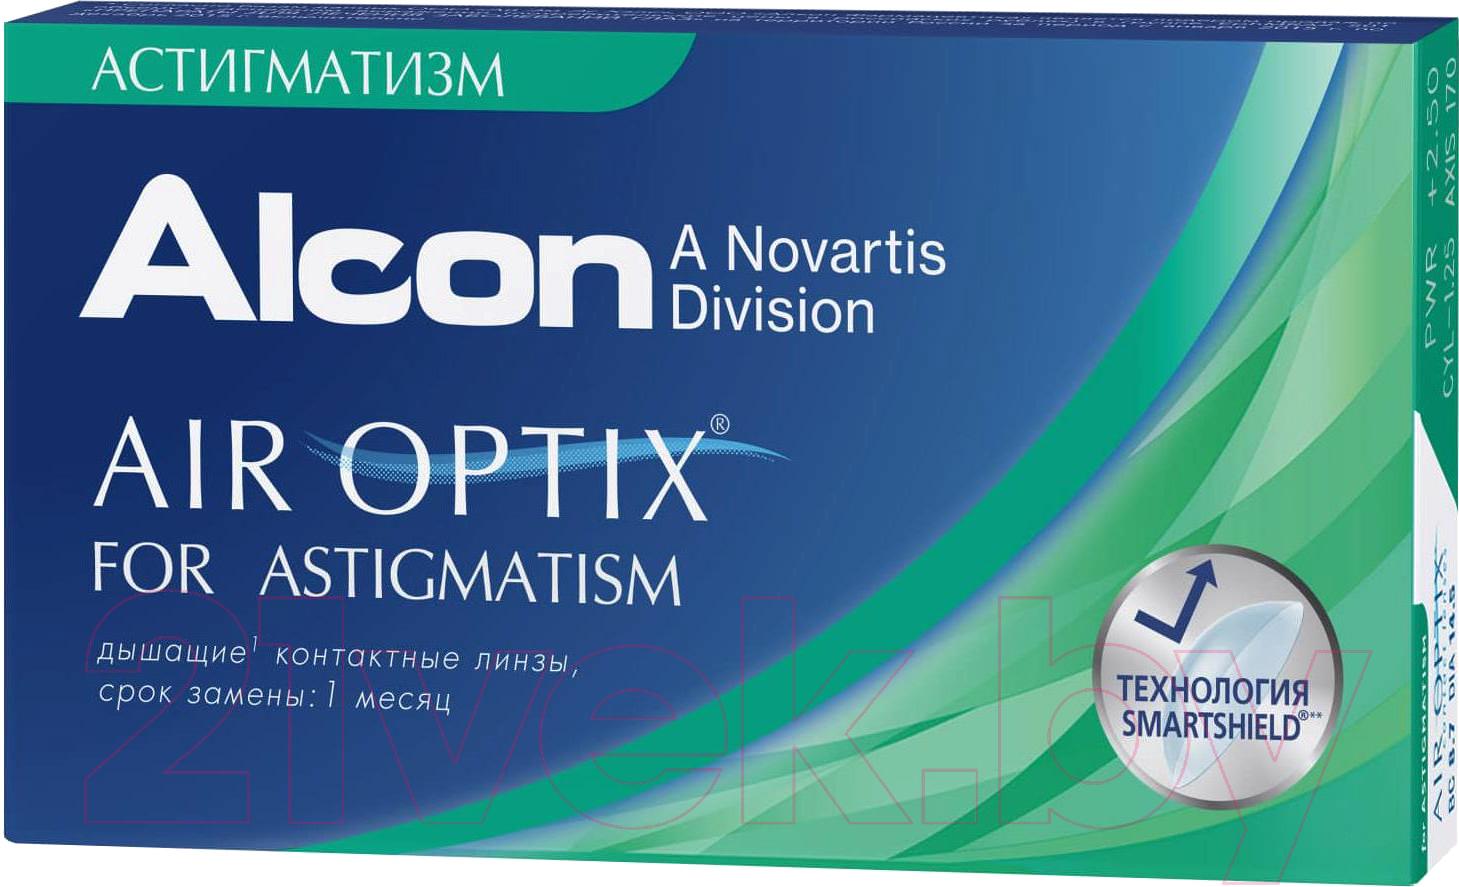 Контактная линза Air Optix, For Astigmatism Sph-2.00 cyl-1.25 ax090 R8.7, Малайзия  - купить со скидкой